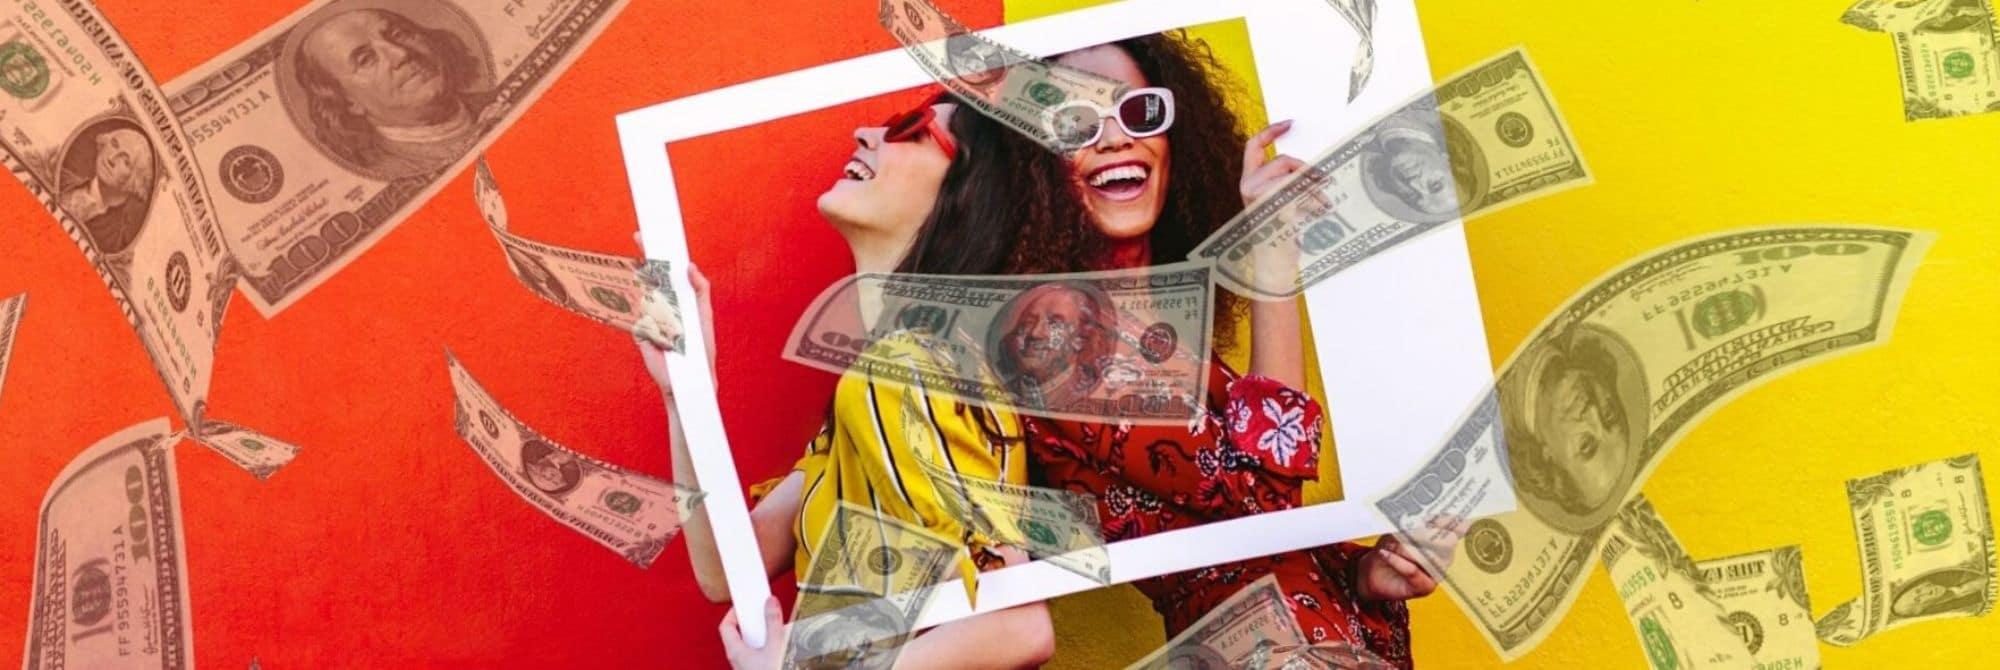 איך לעשות כסף באינסטגרם דיגיטל בוסט DigitalBoost